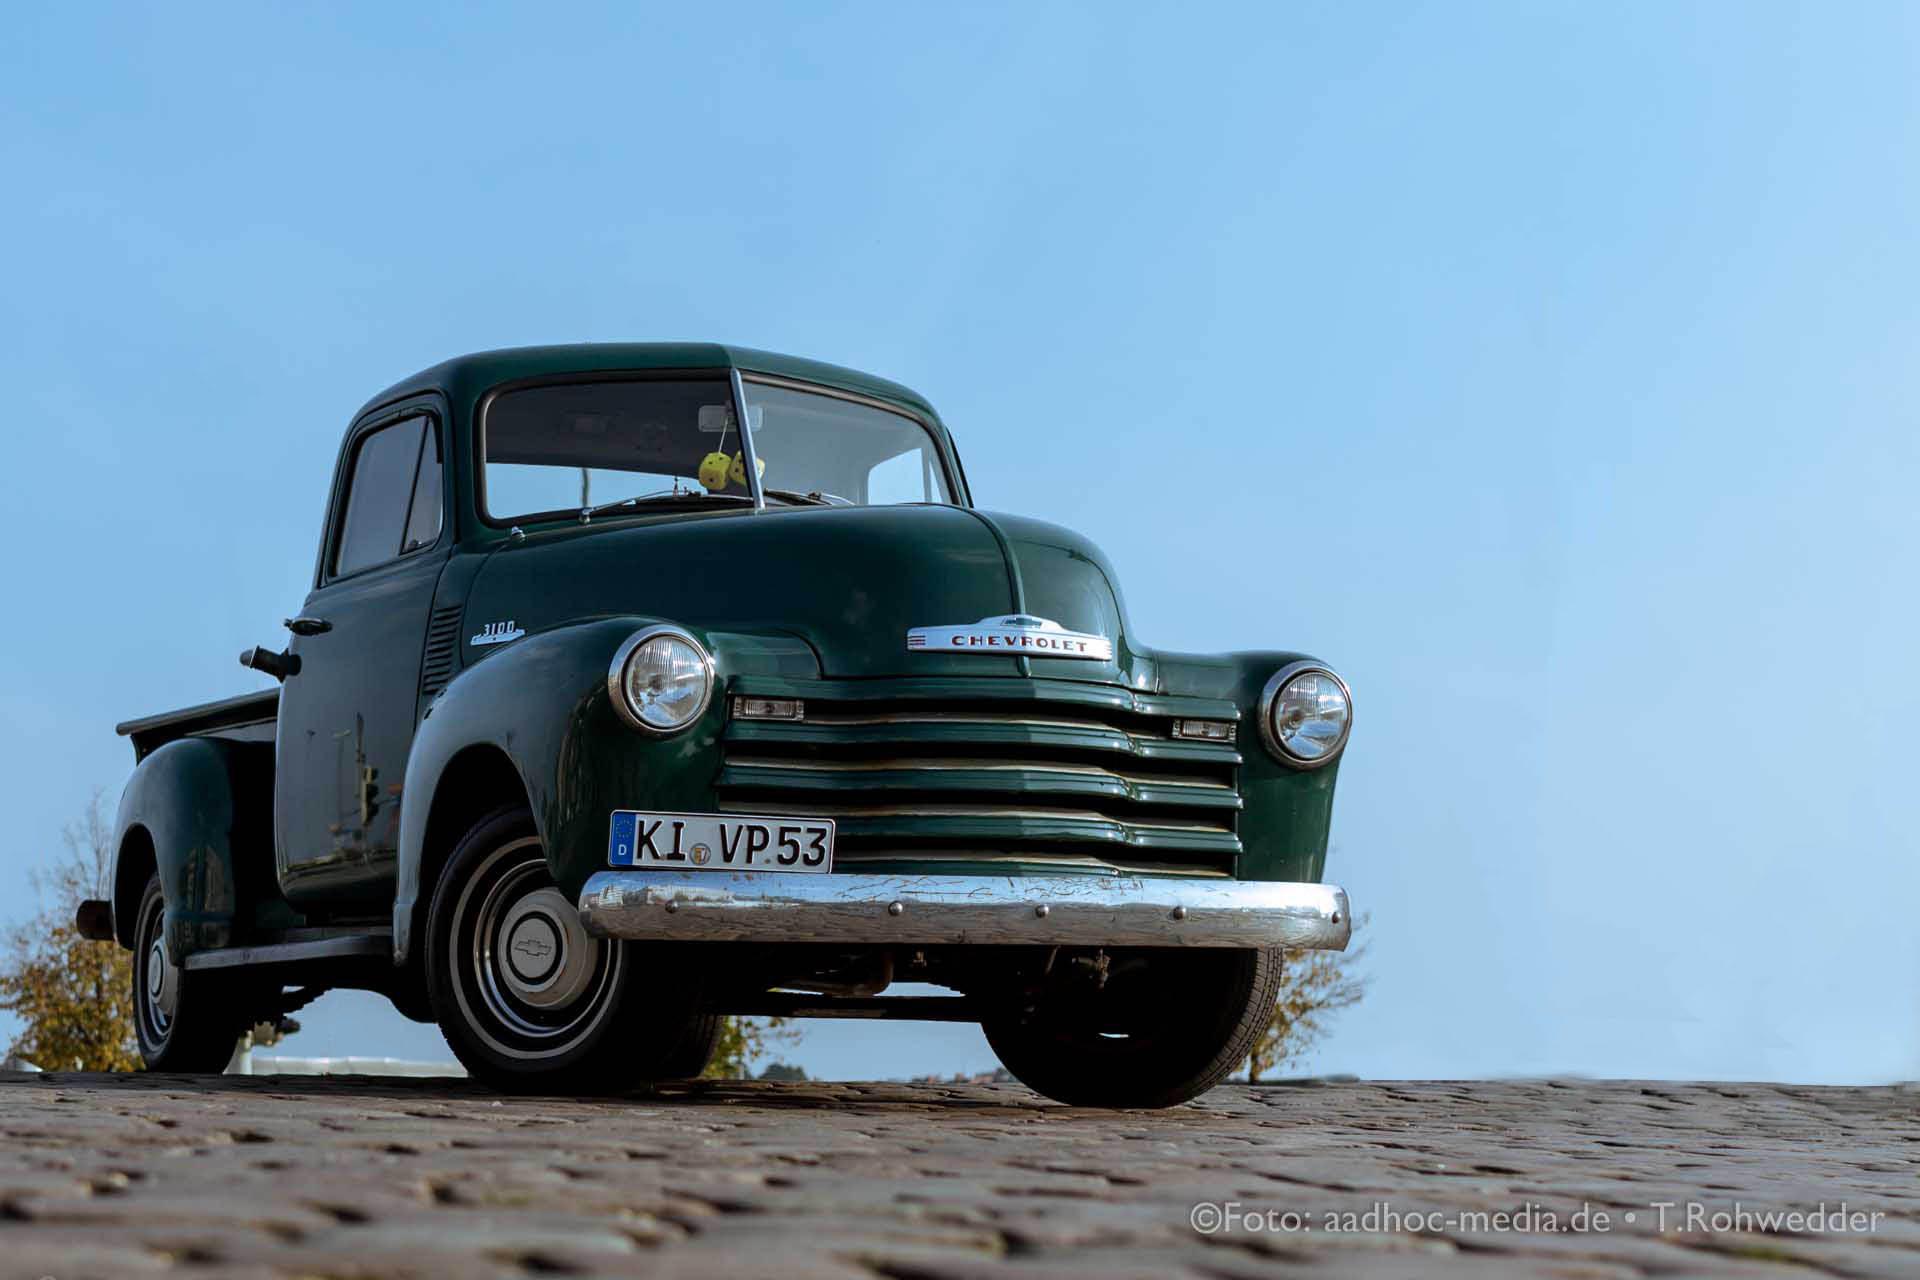 Oldtimer - Chevrolet 3100 - Bauern- und Regionalmarkt Kiel